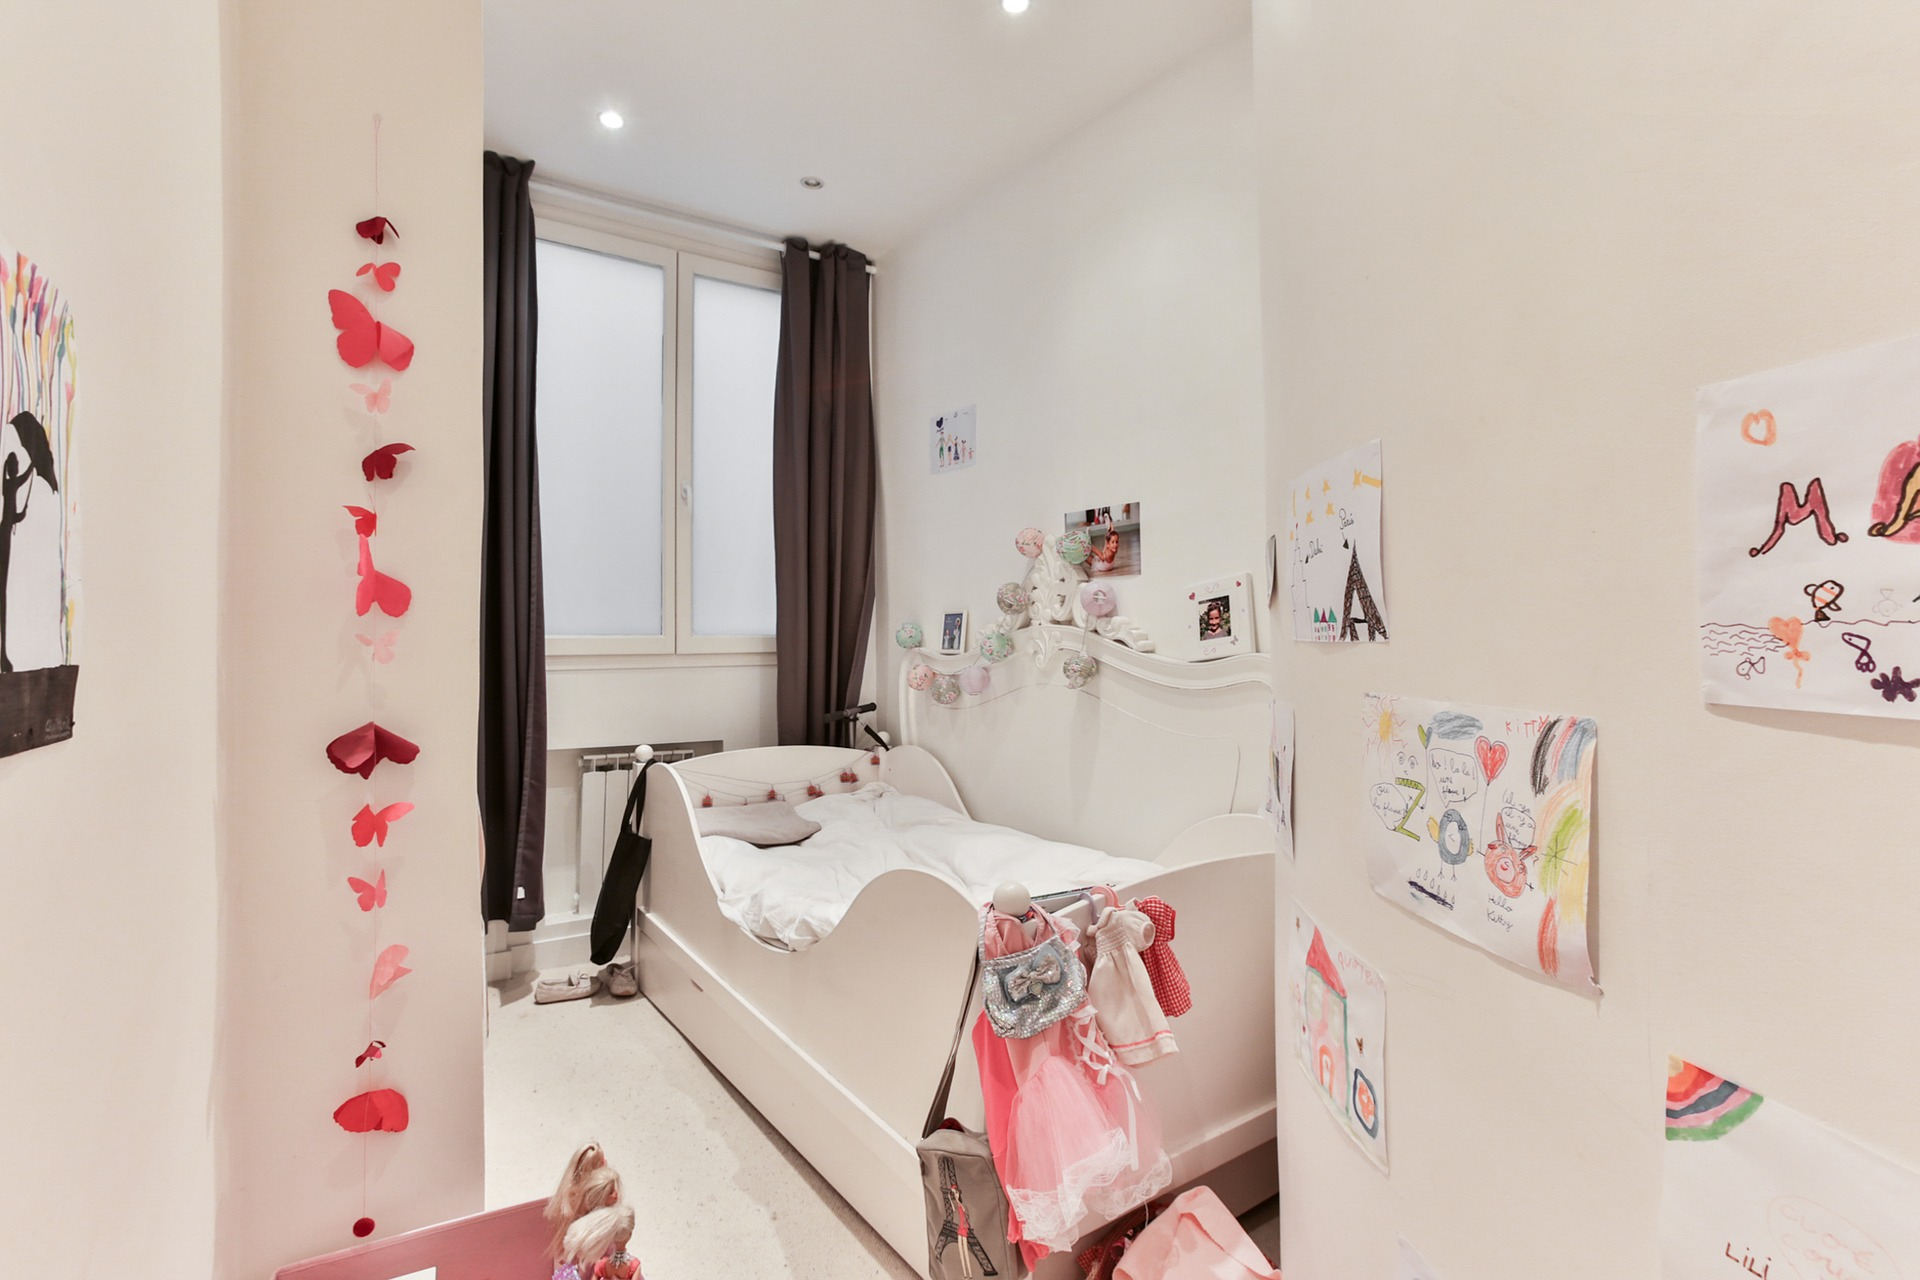 Pastelowy pokój dziecka z wieloma dodatkami